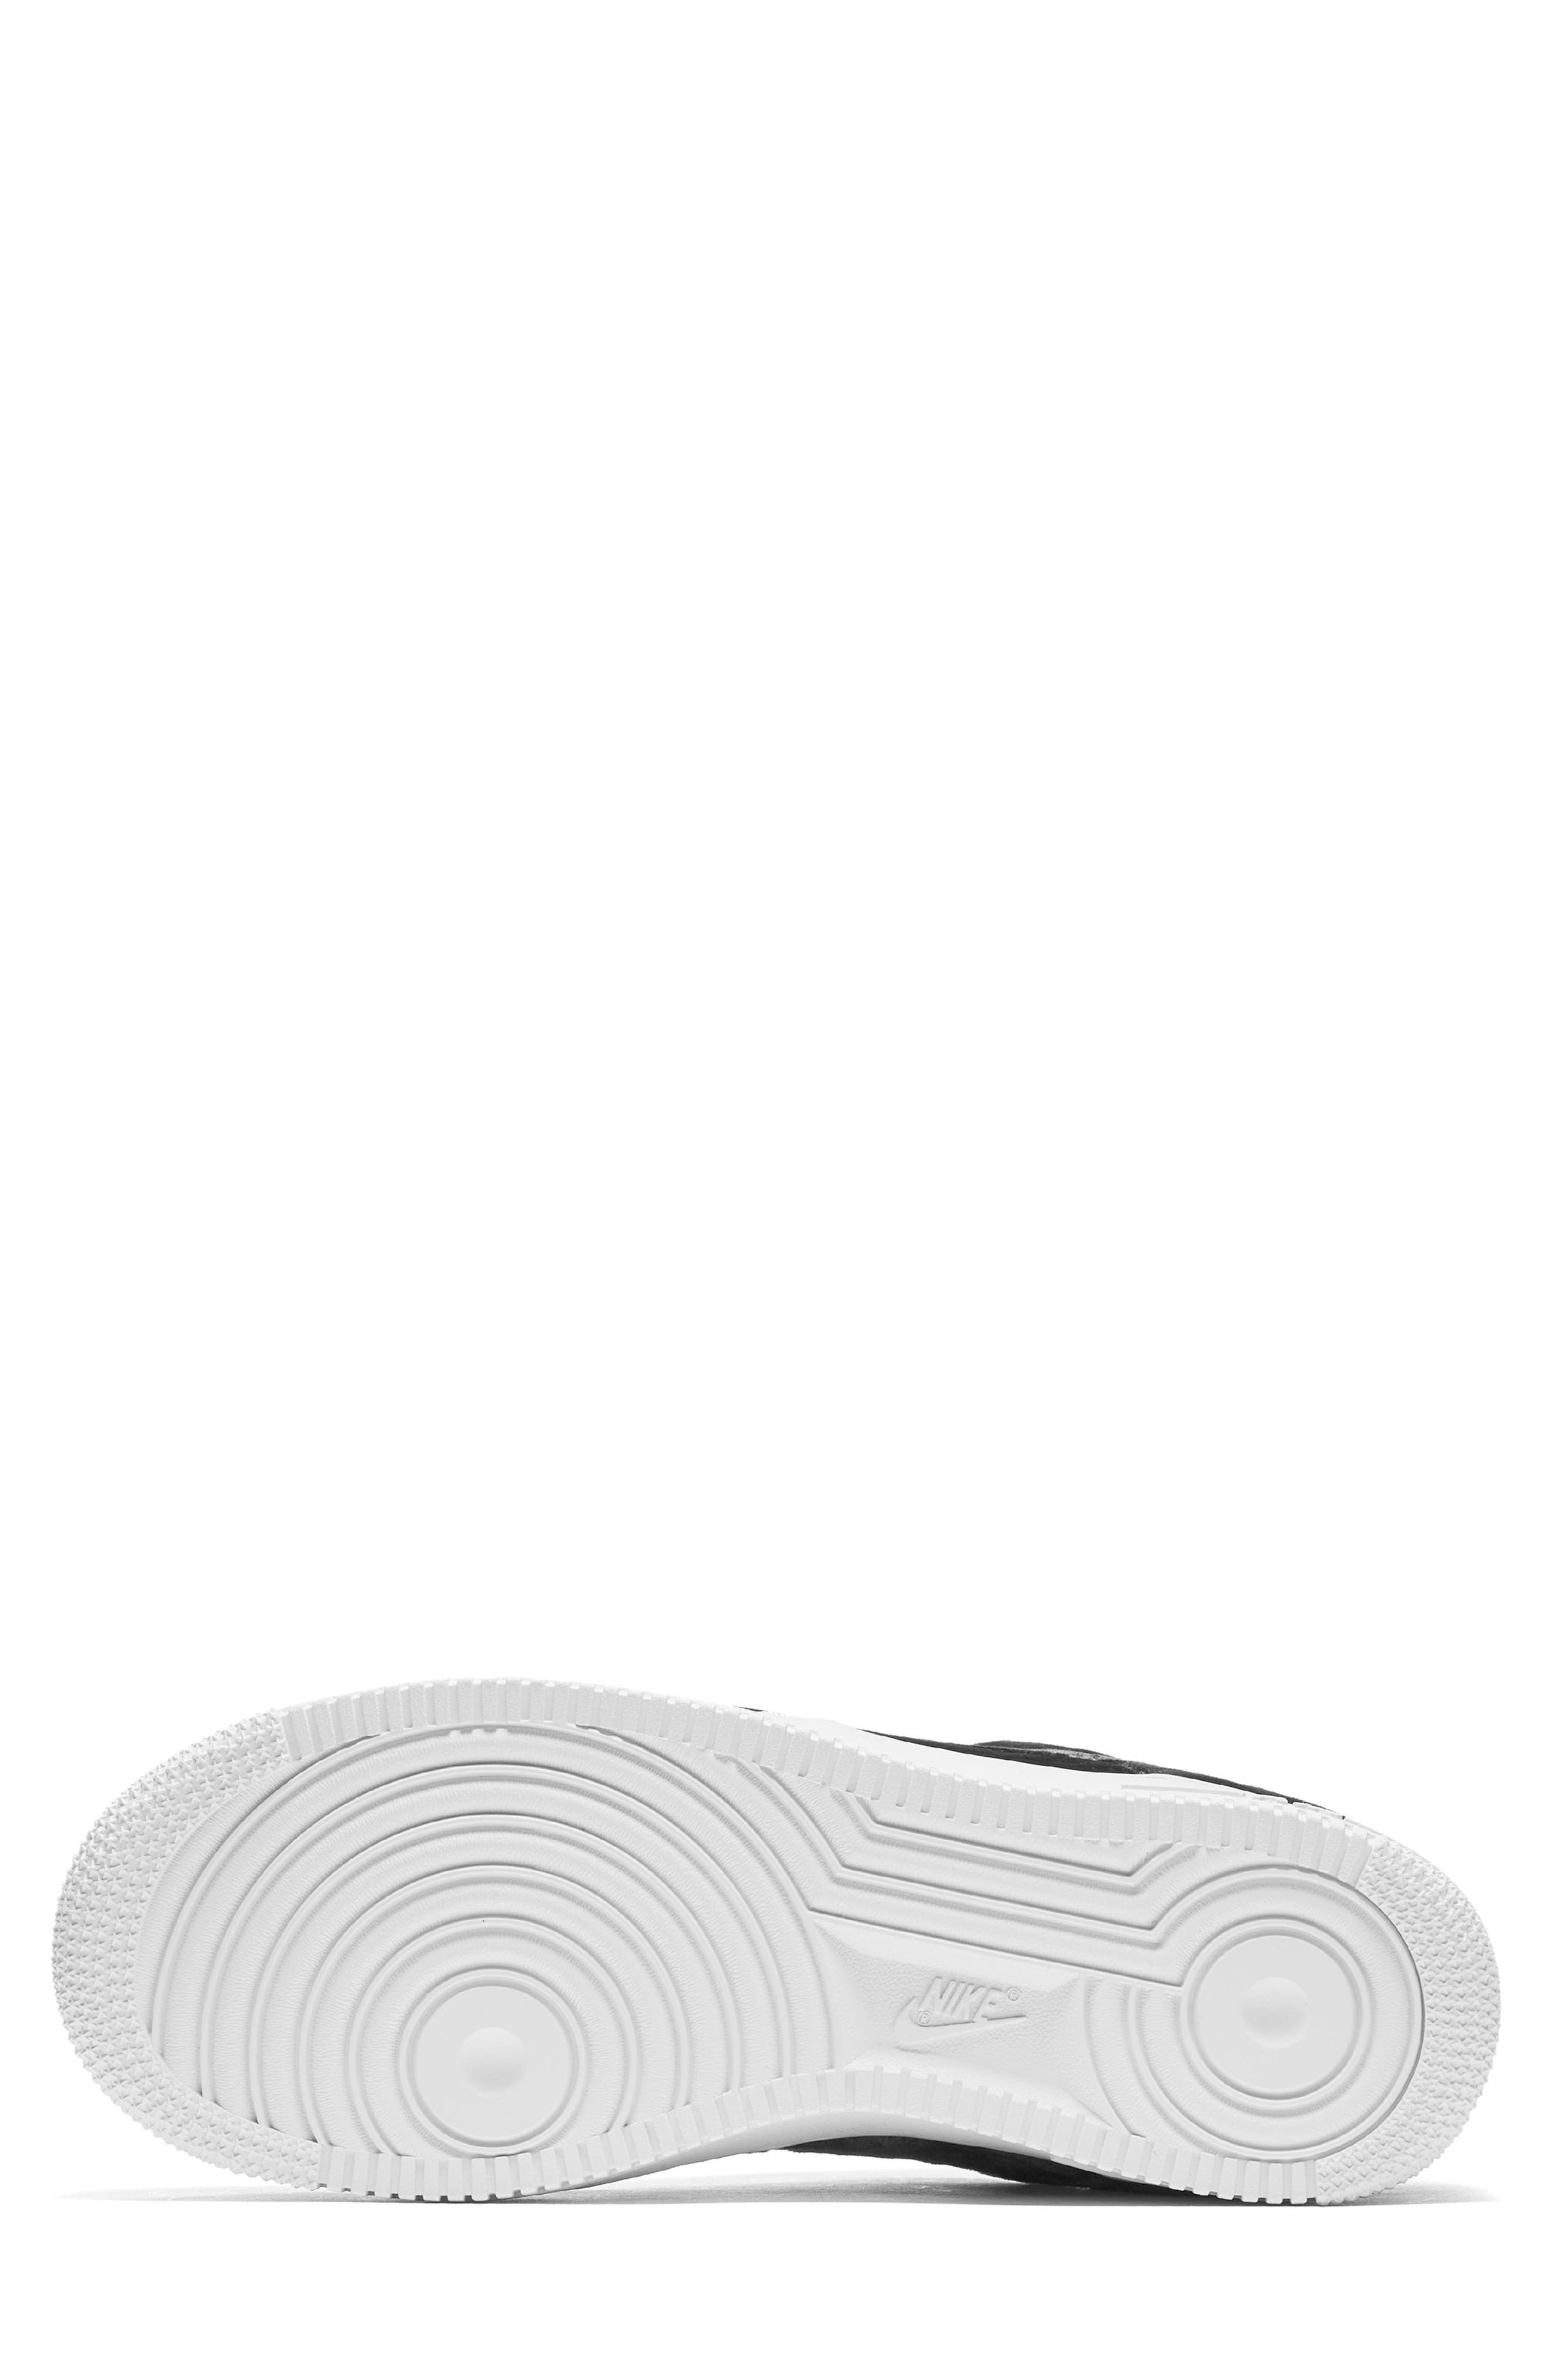 Air Force 1 '07 Premium Sneaker,                             Alternate thumbnail 6, color,                             003